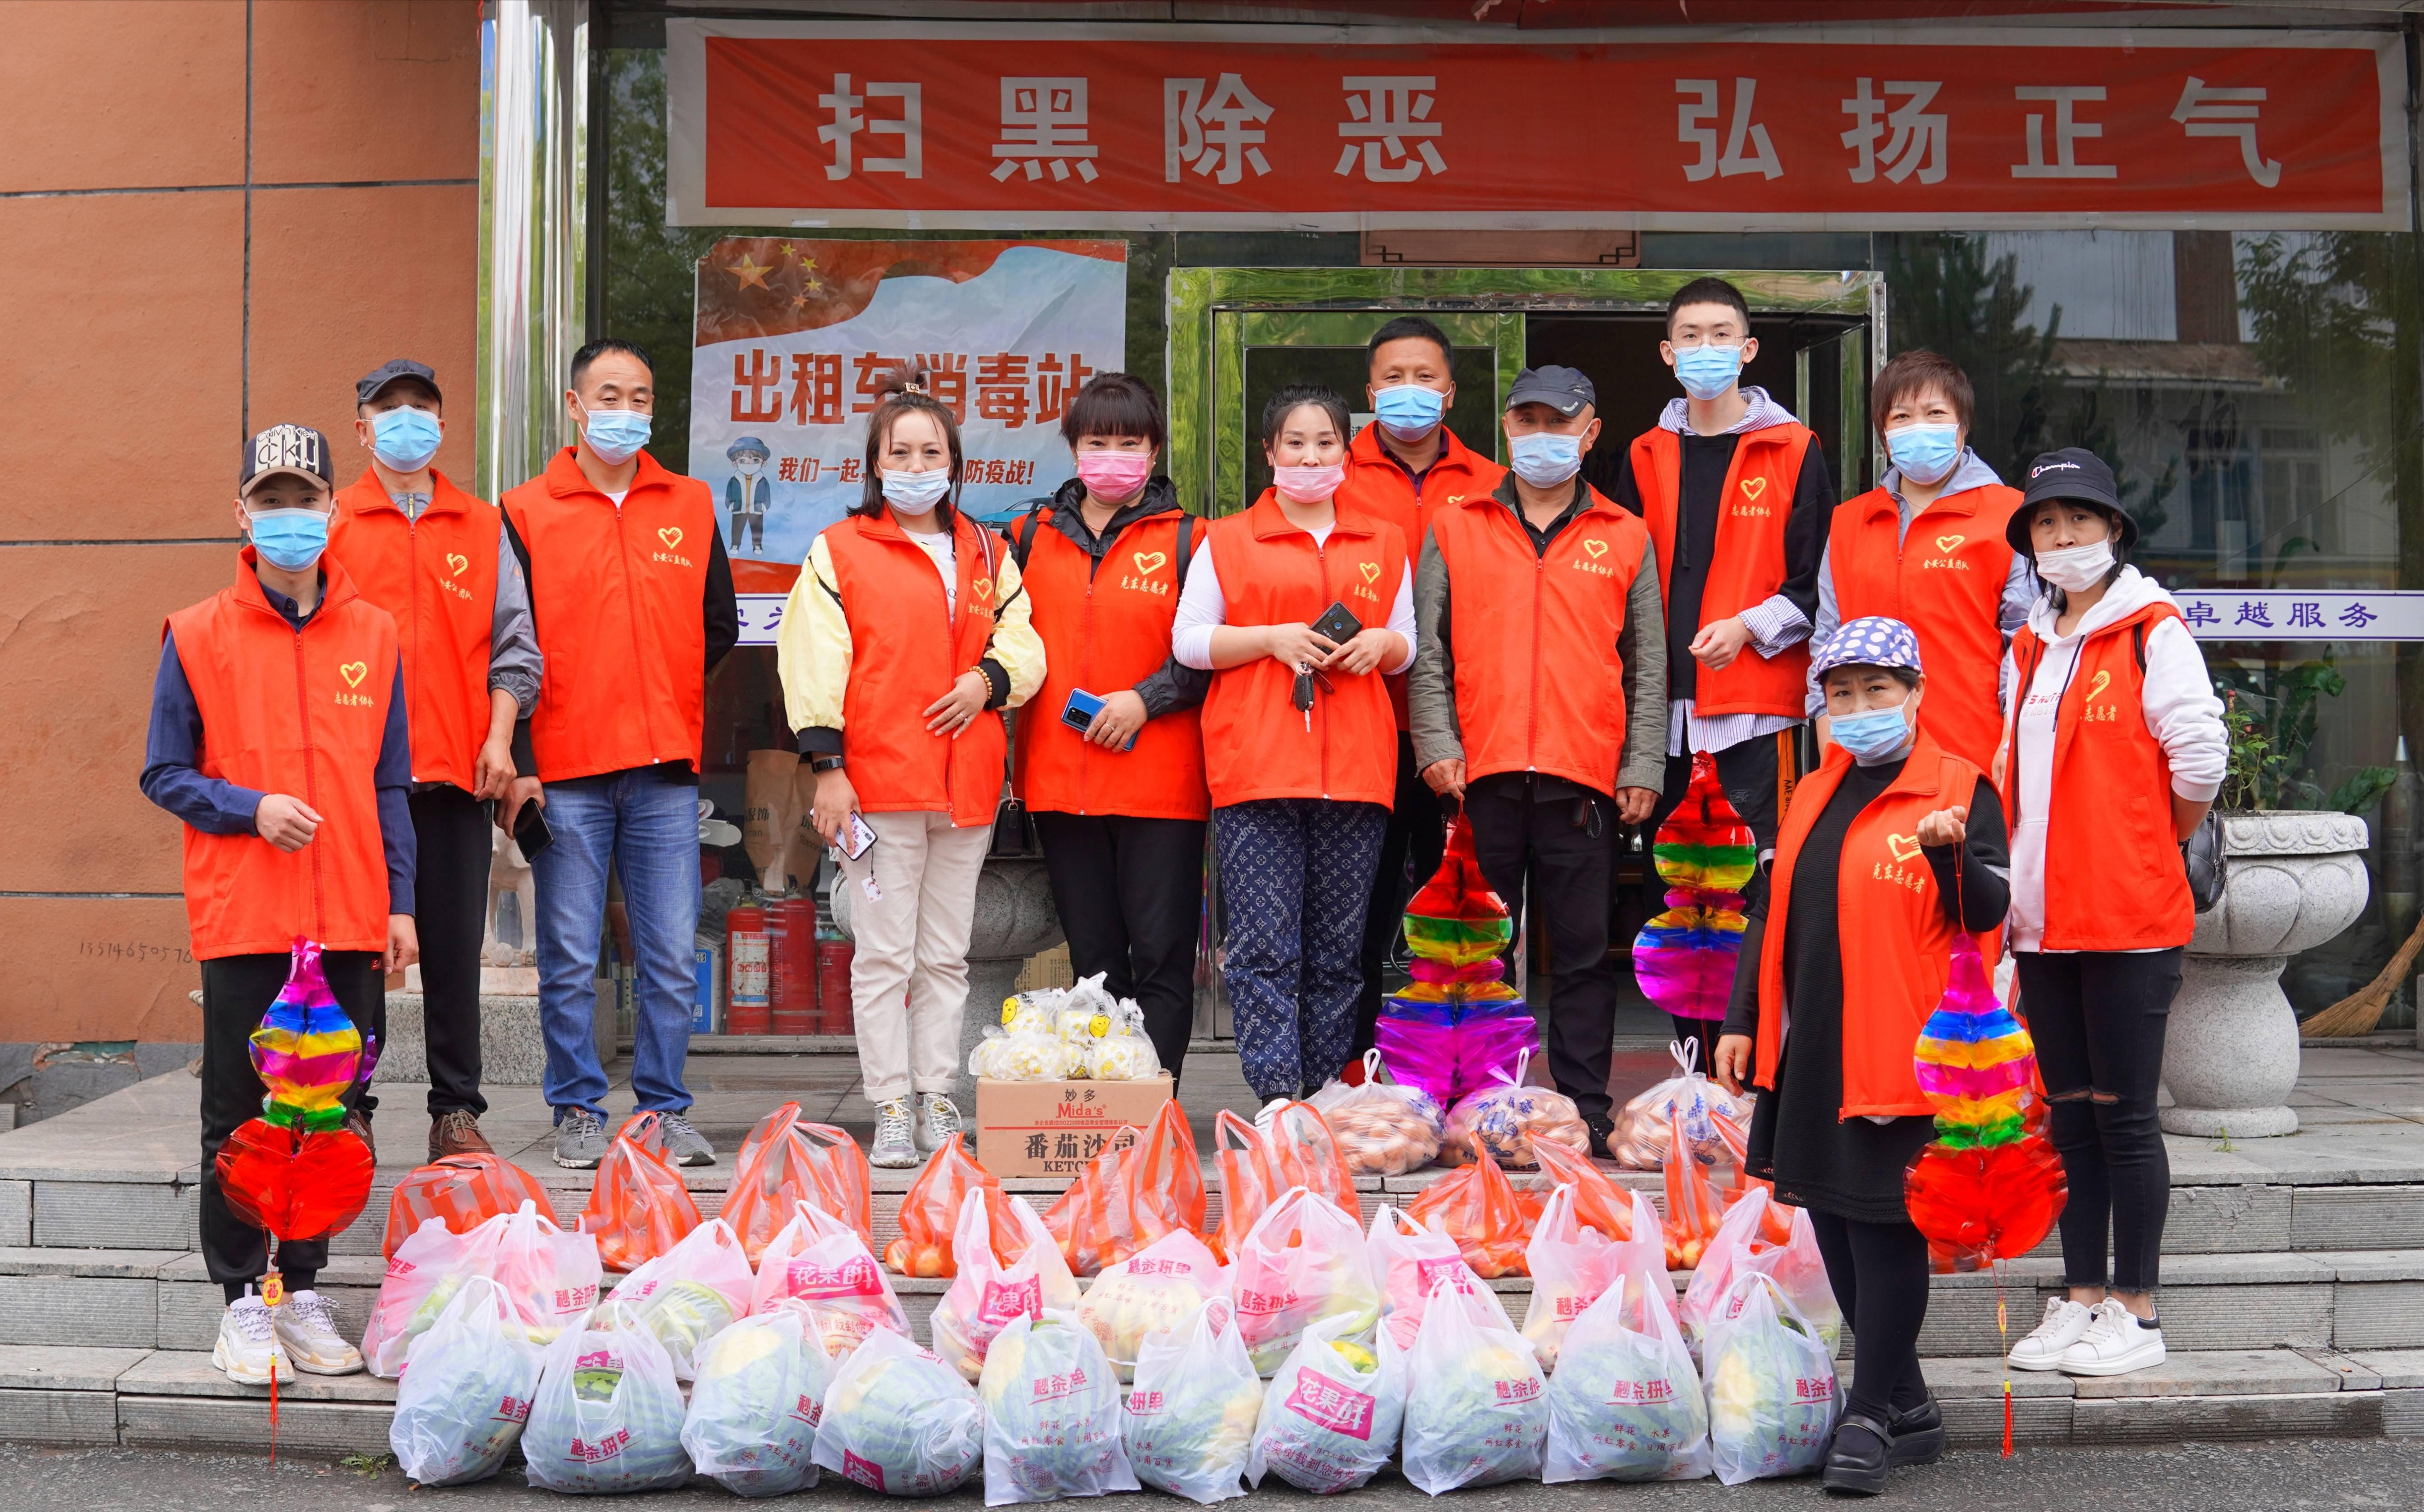 情暖端午粽意情浓 克东县志愿者协会慰问贫困家庭